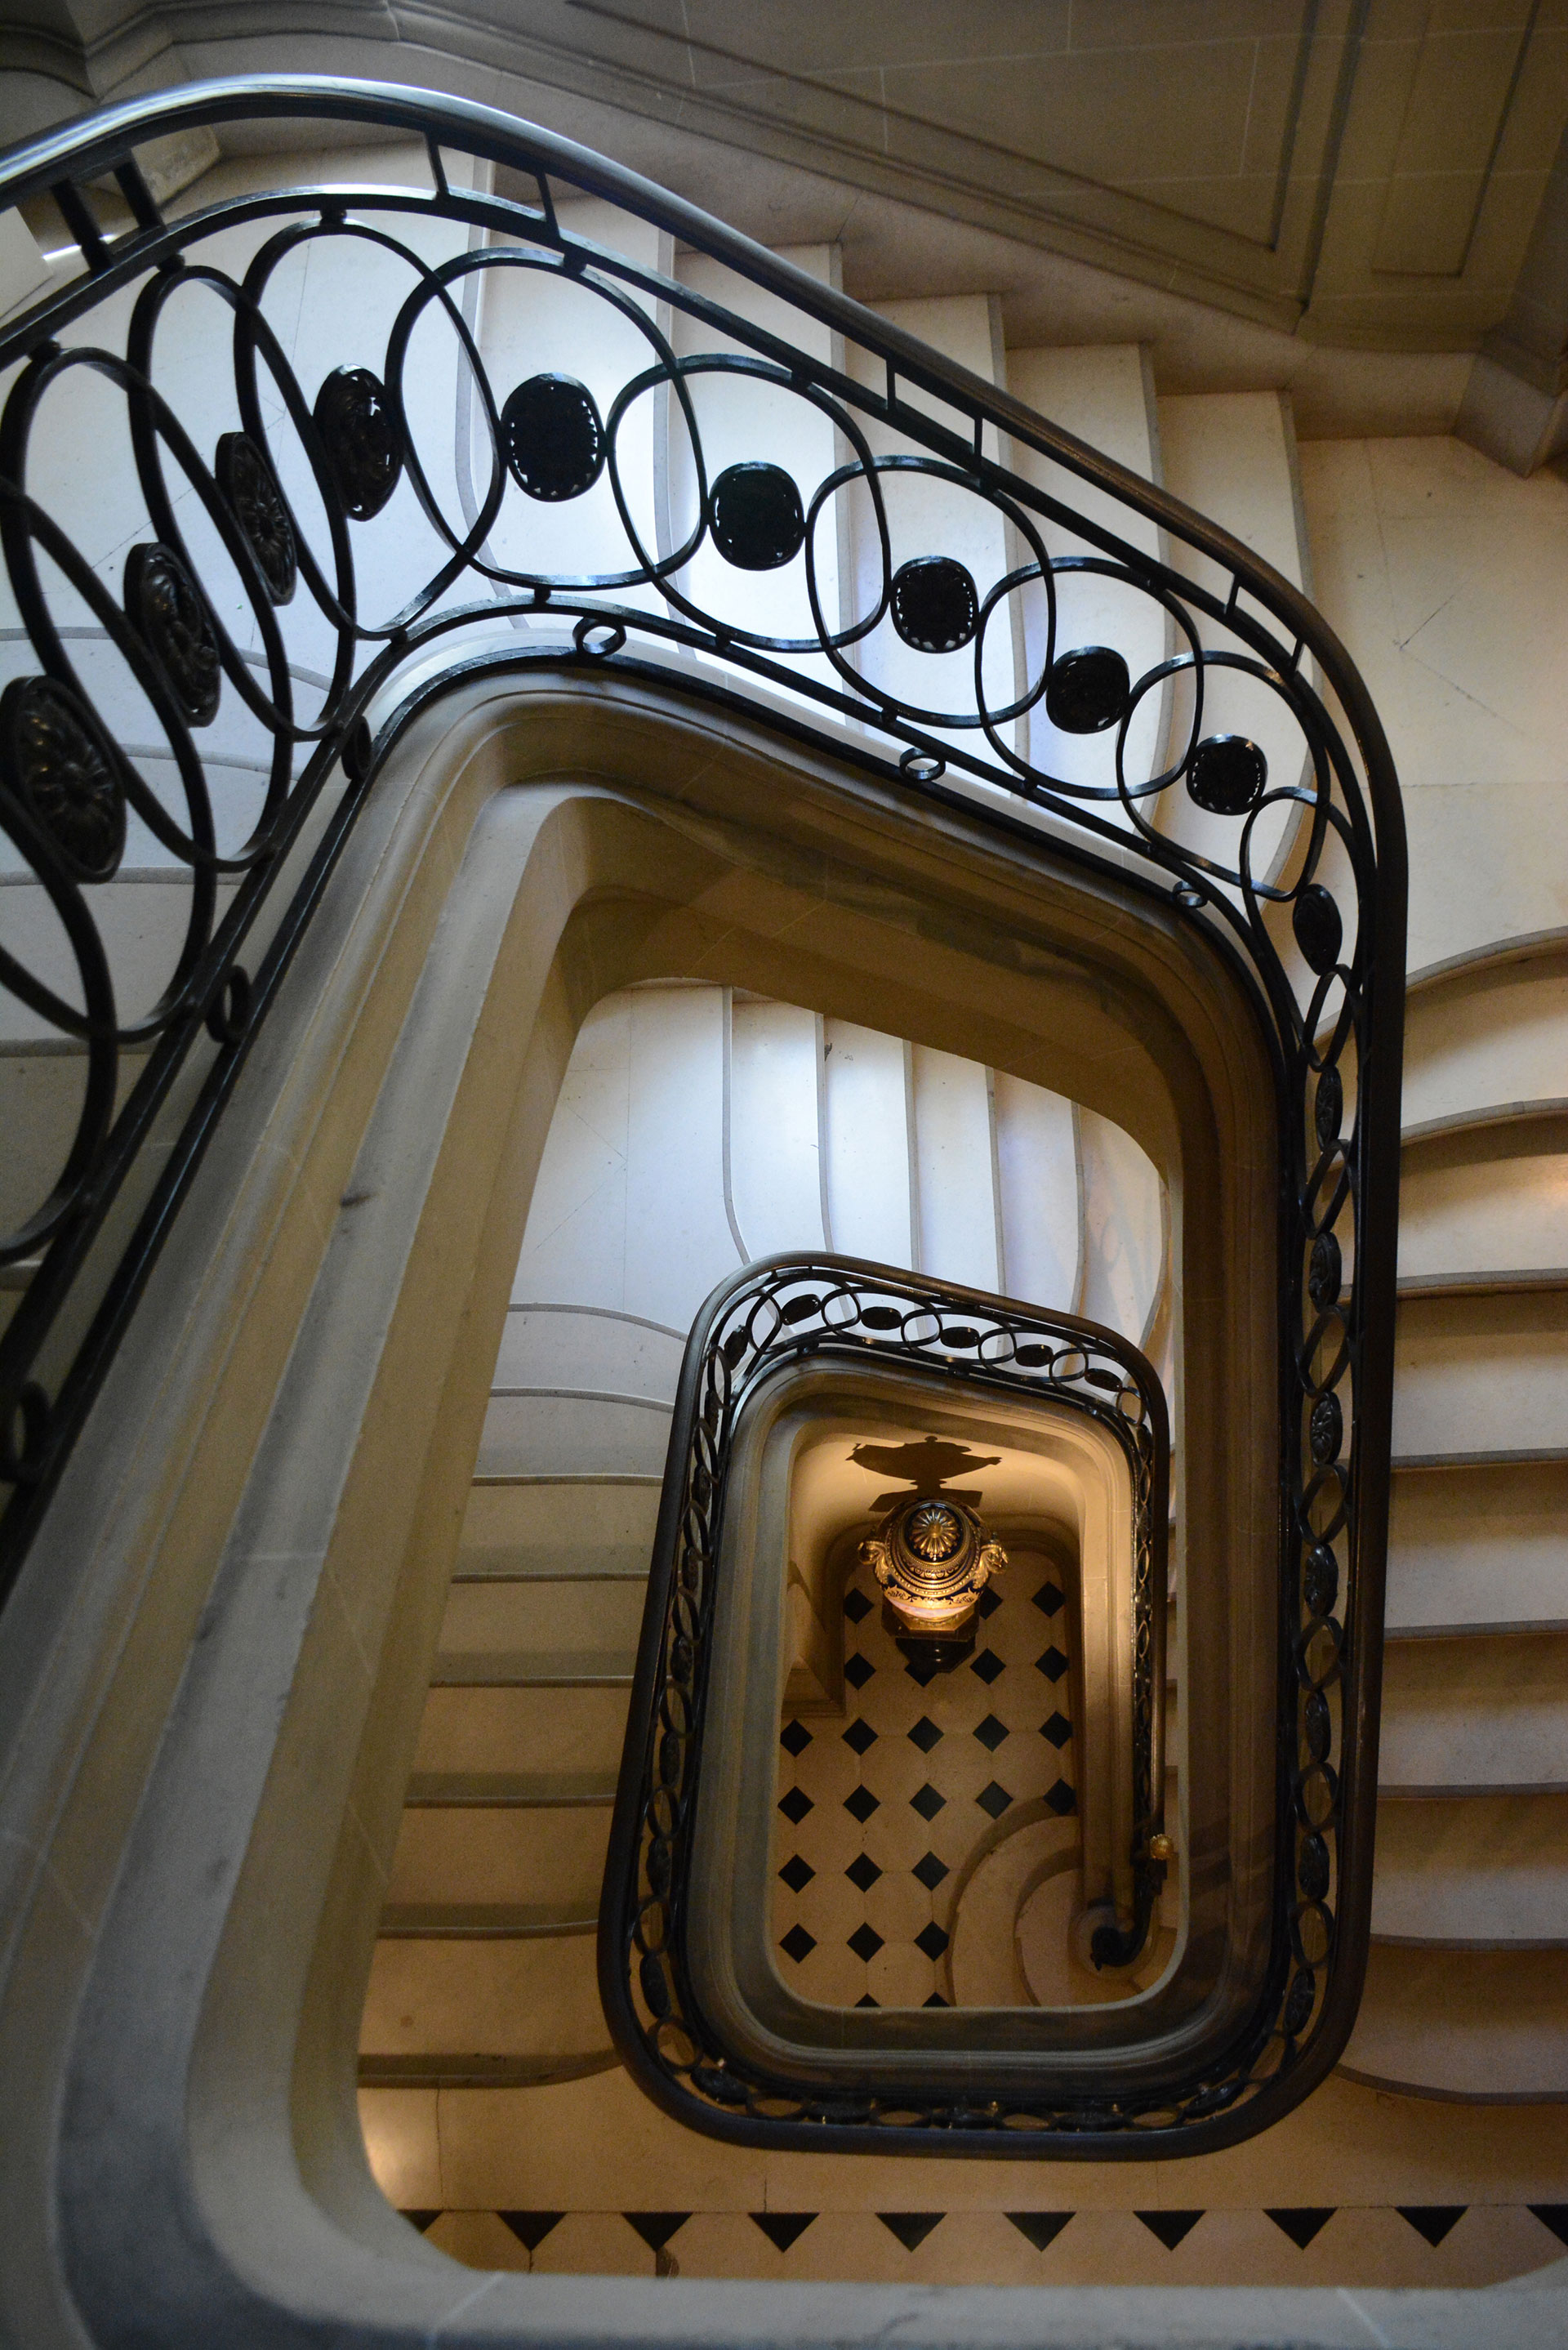 El arquitecto francés René Sergent que a principios del siglo XX trabajó en París, Buenos Aires y Nueva York, realizó el proyecto de la residencia en 1911